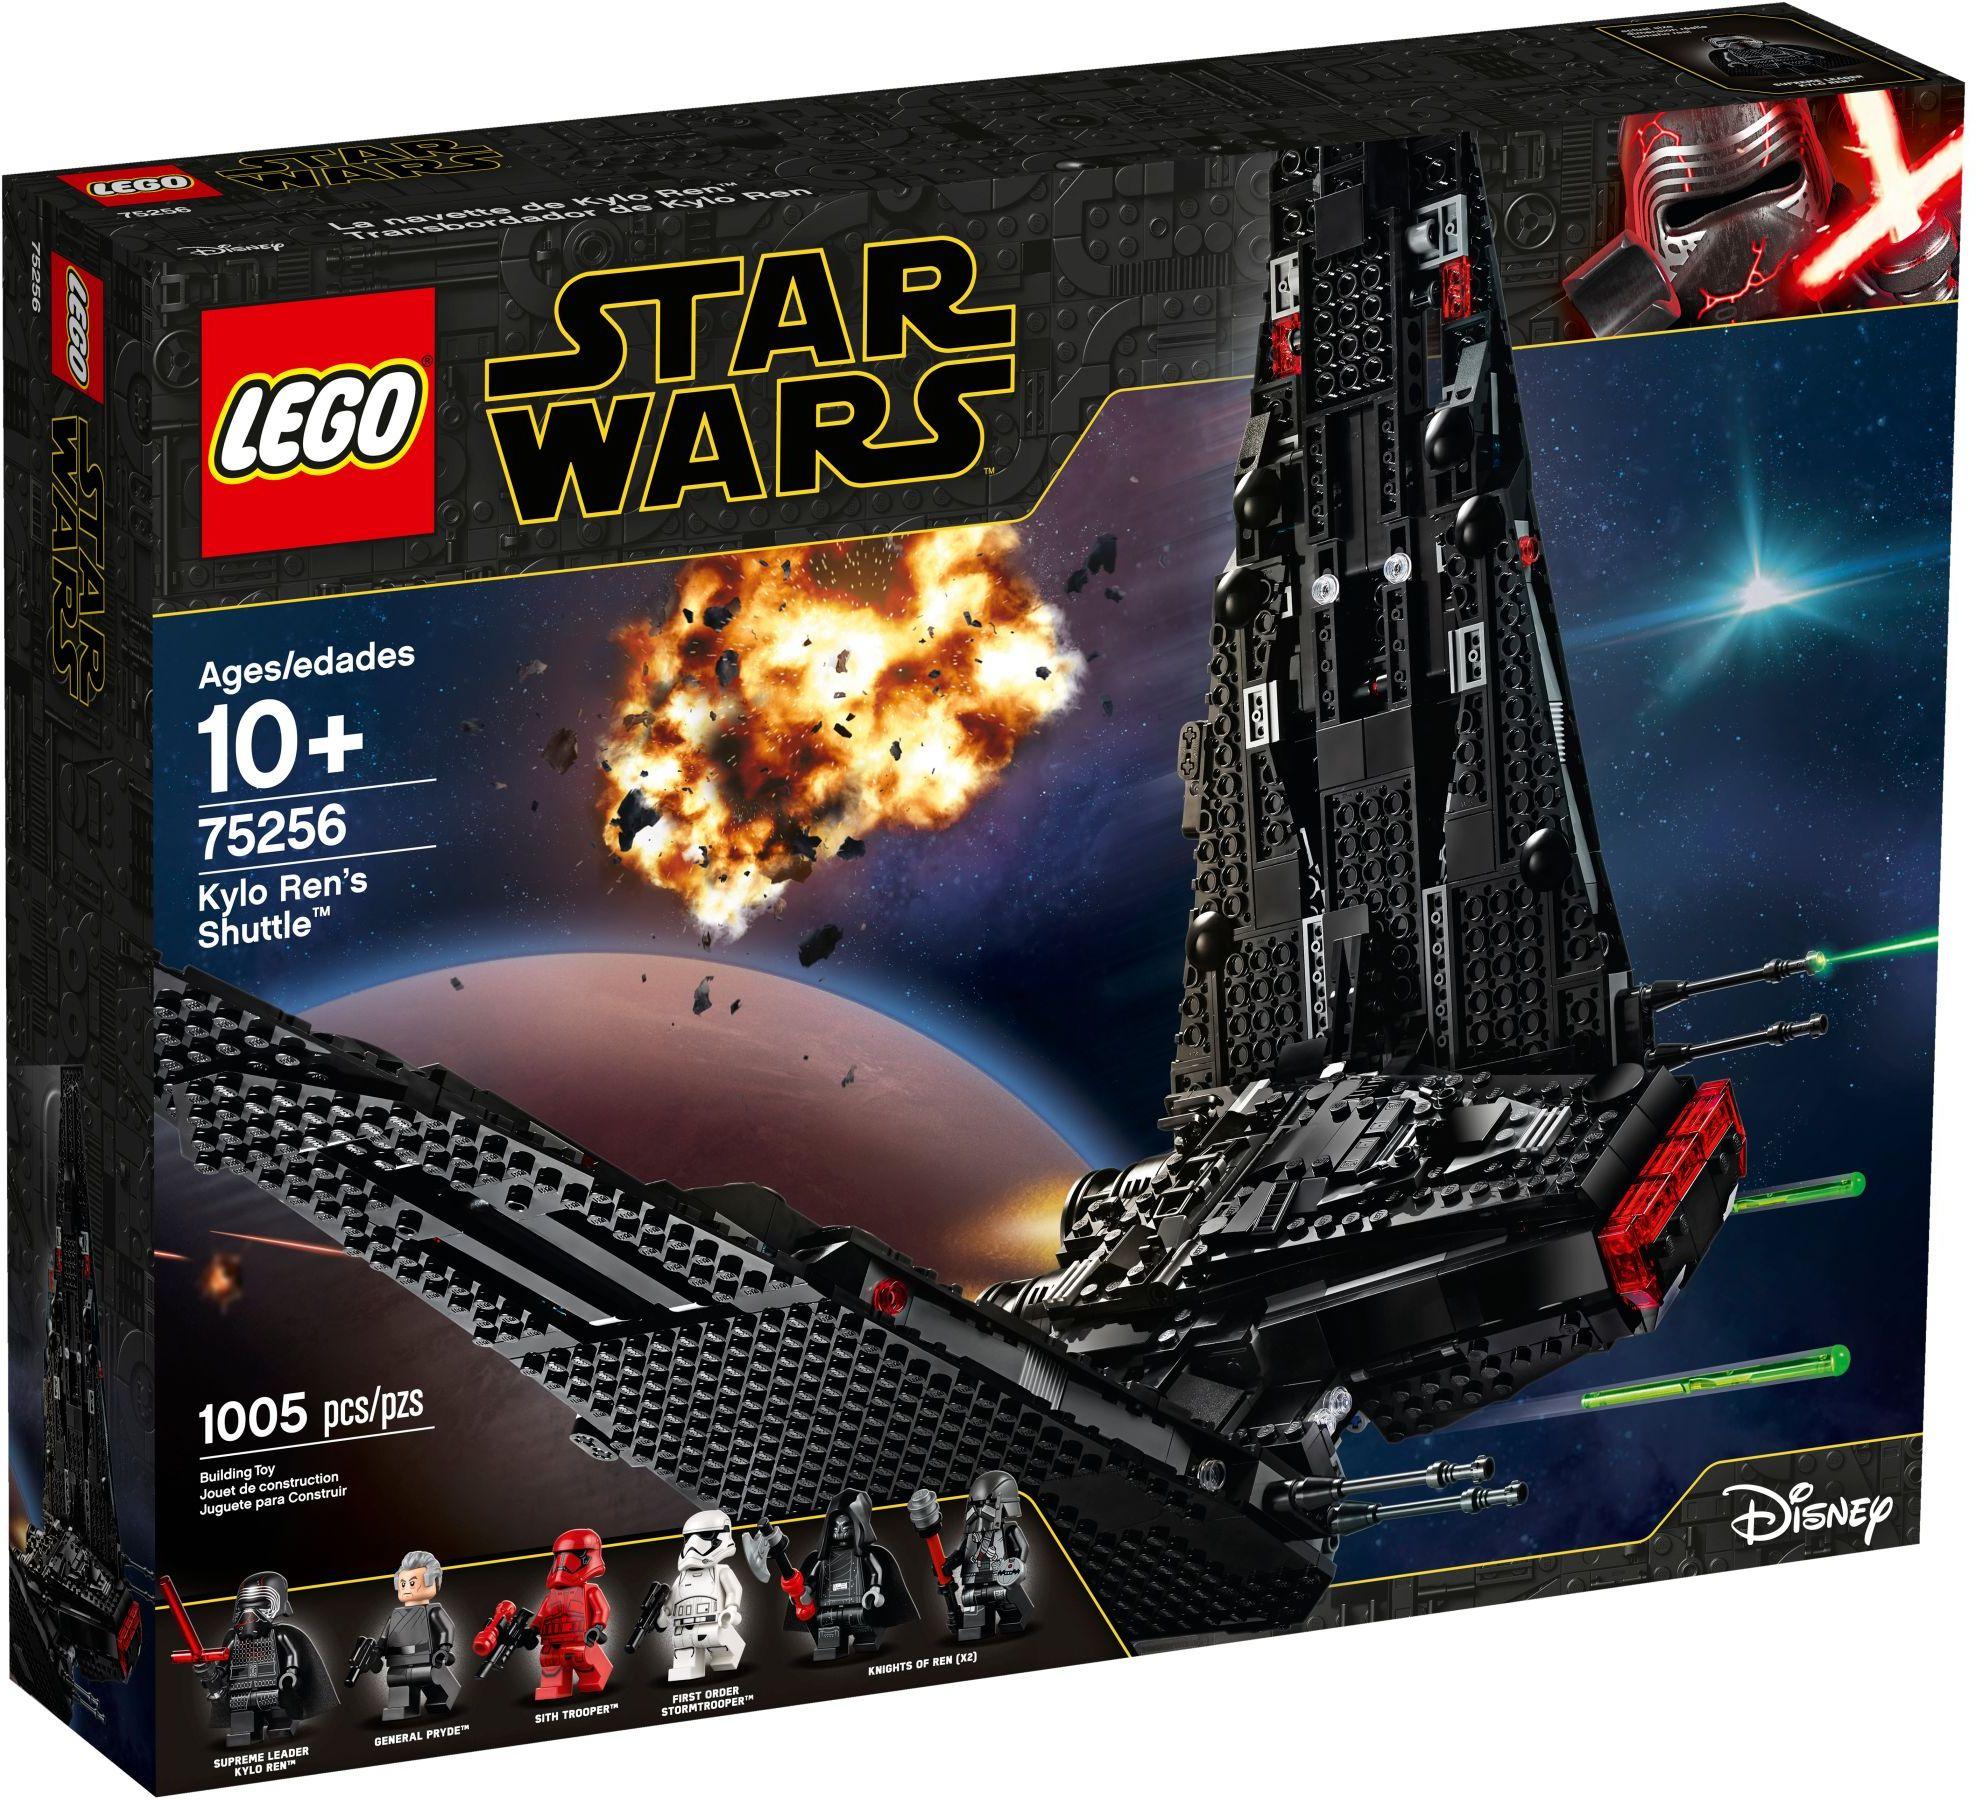 lego-star-wars-75256-kylo-rens-shuttle-box-2019 zusammengebaut.com